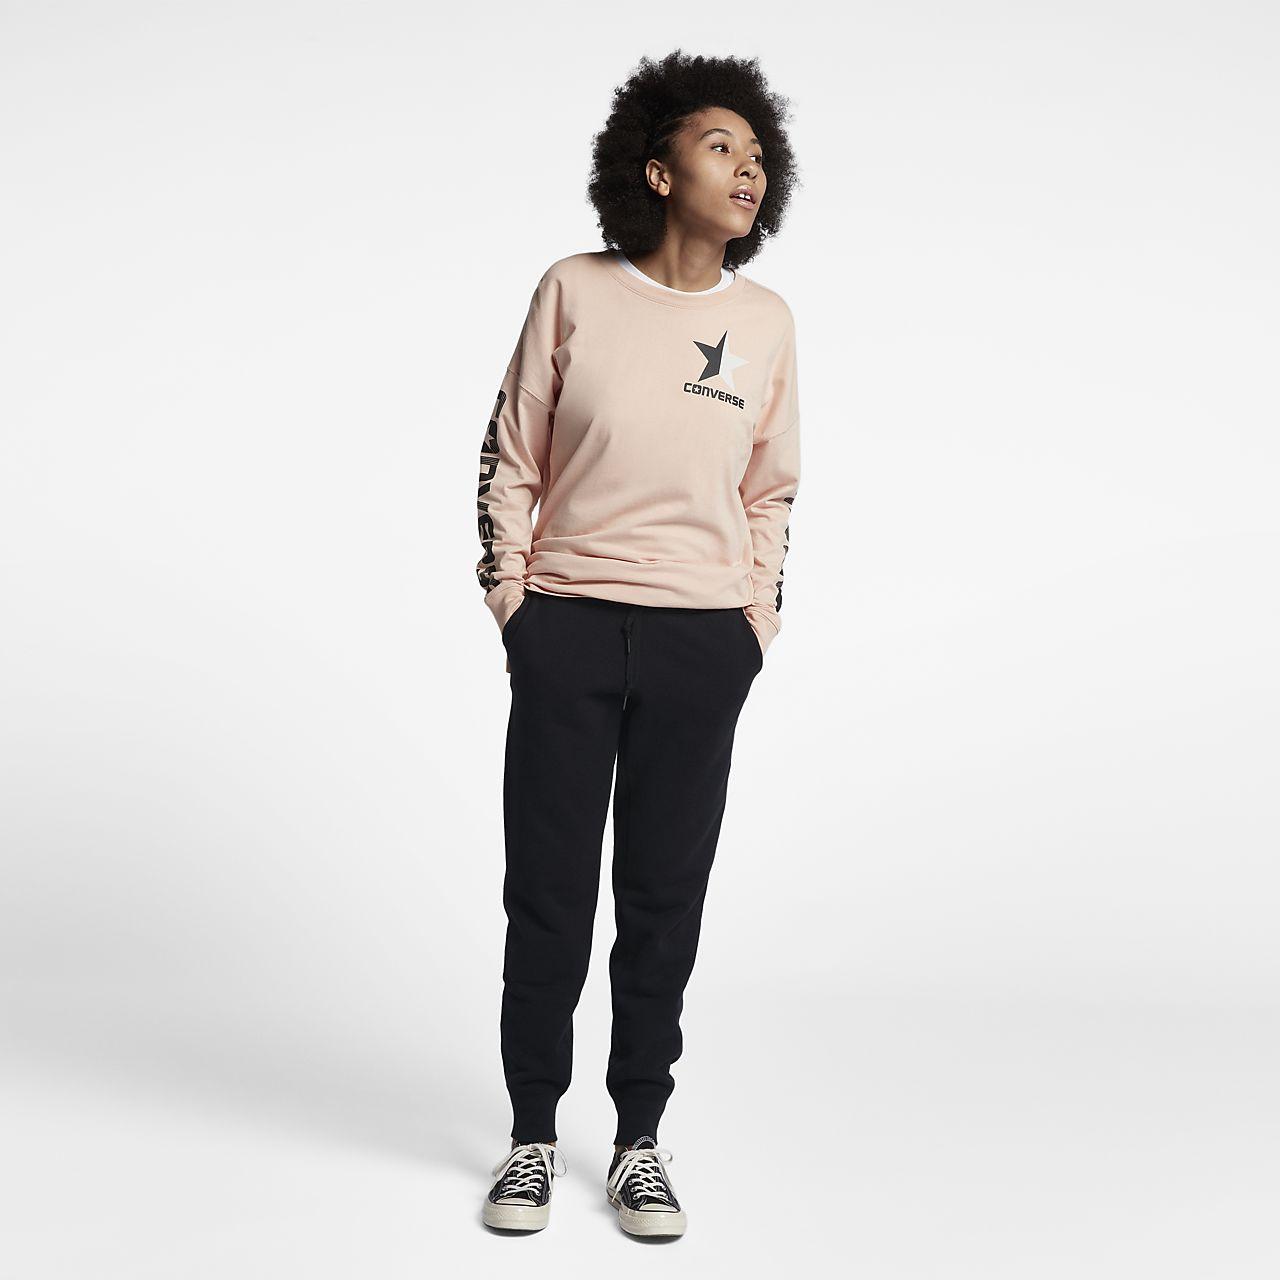 Converse Essentials Fleece Women's Pants